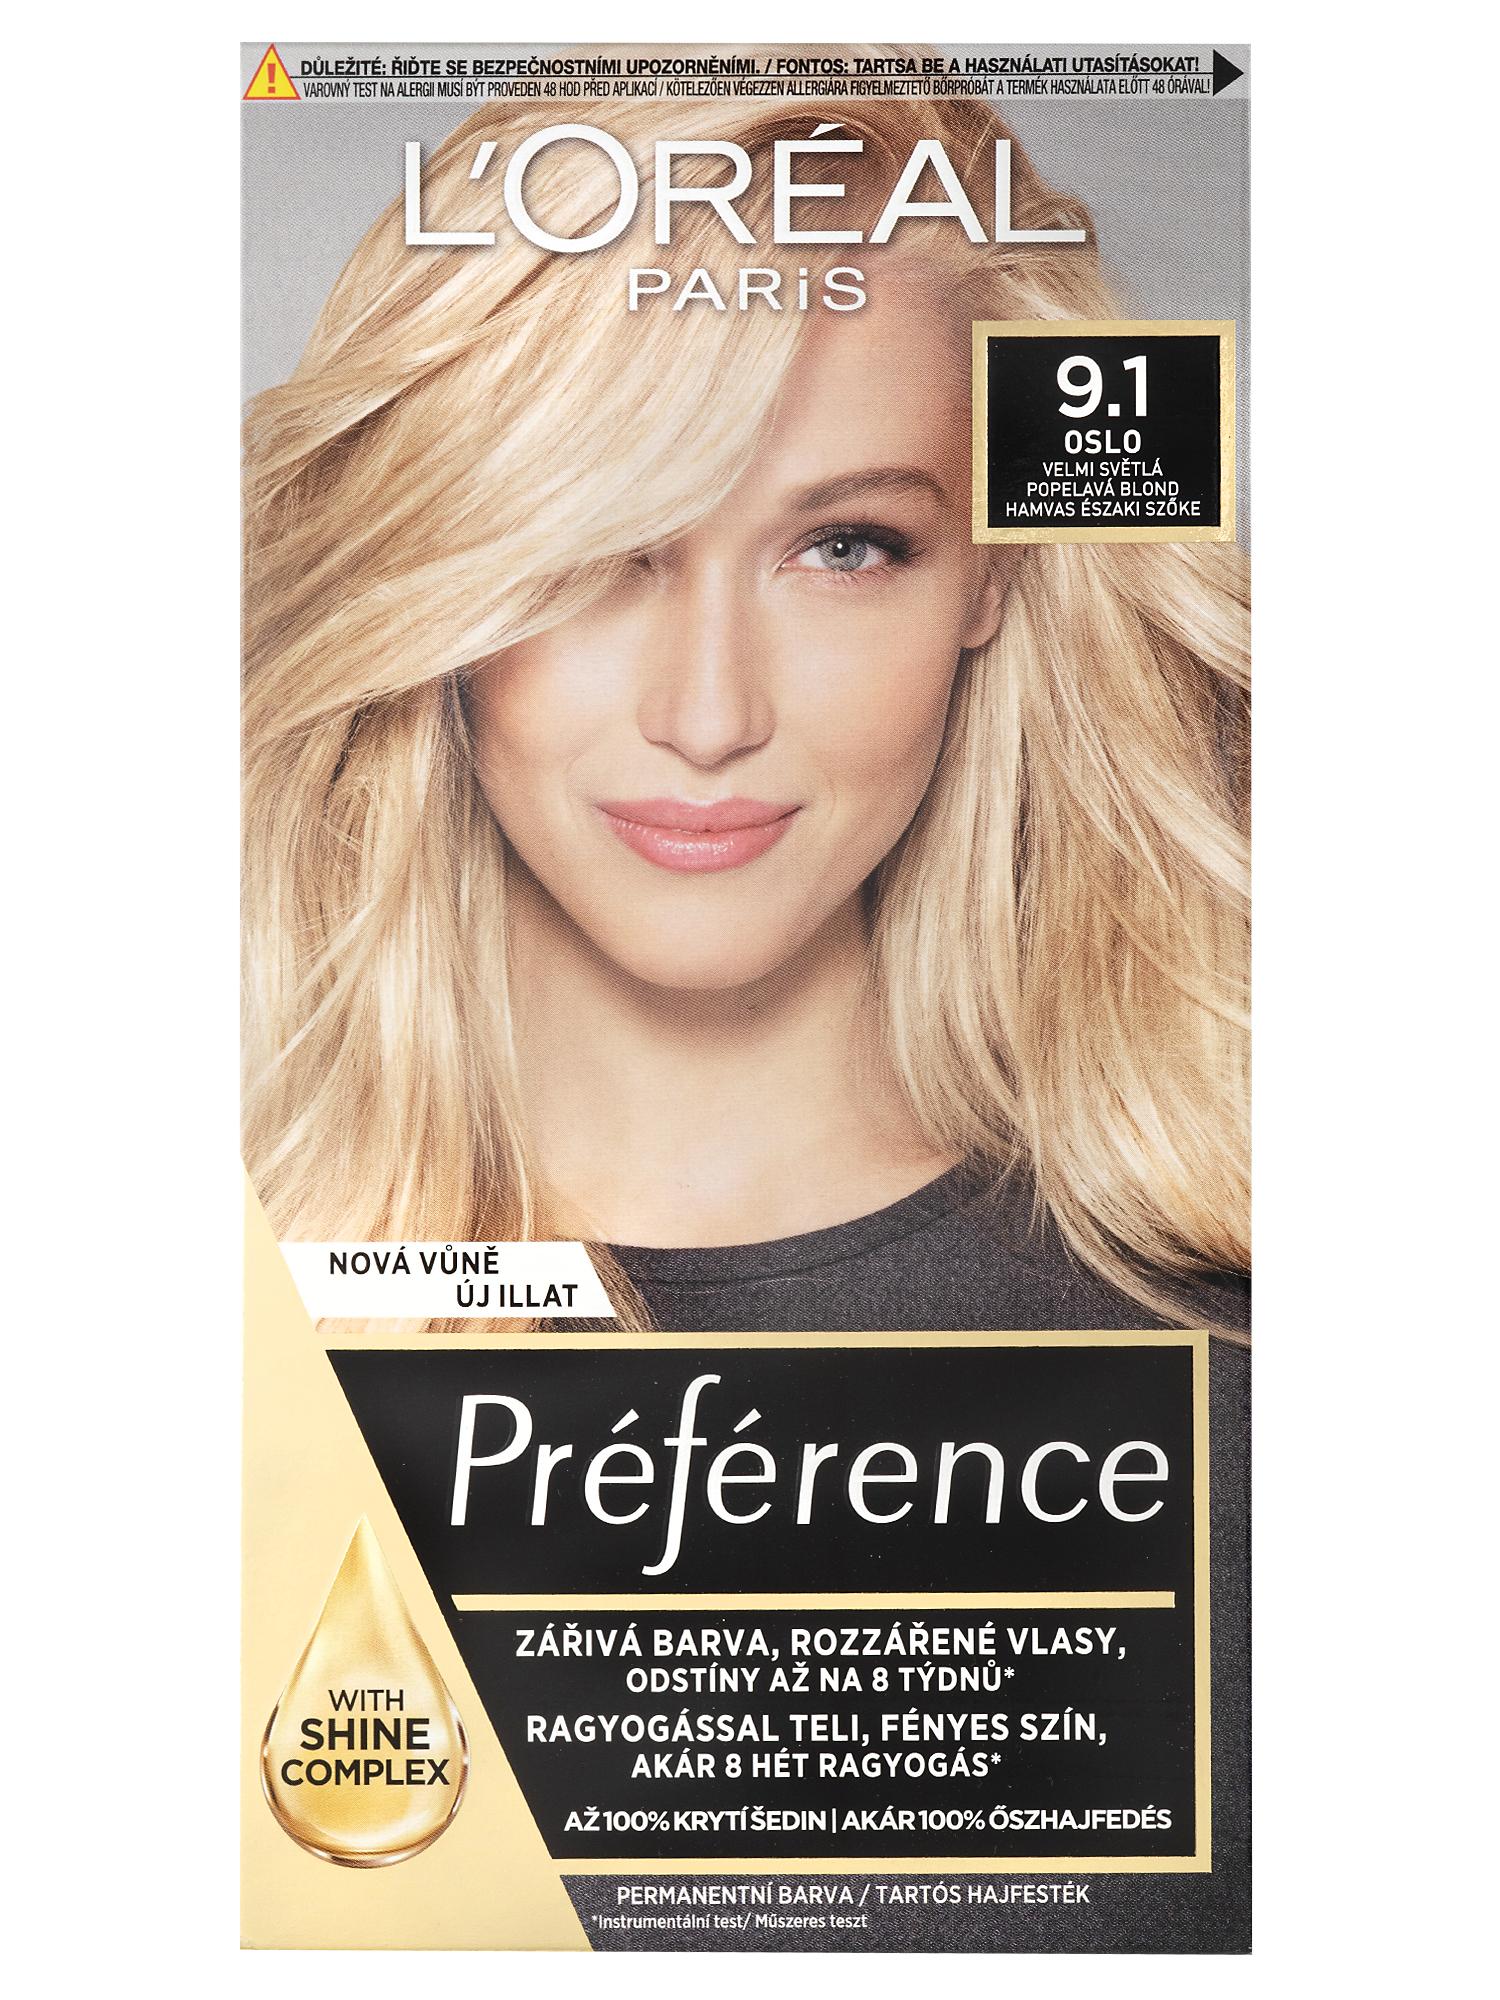 Permanentní barva Loréal Préférence 9.1 velmi světlá popelavá blond + DÁREK ZDARMA